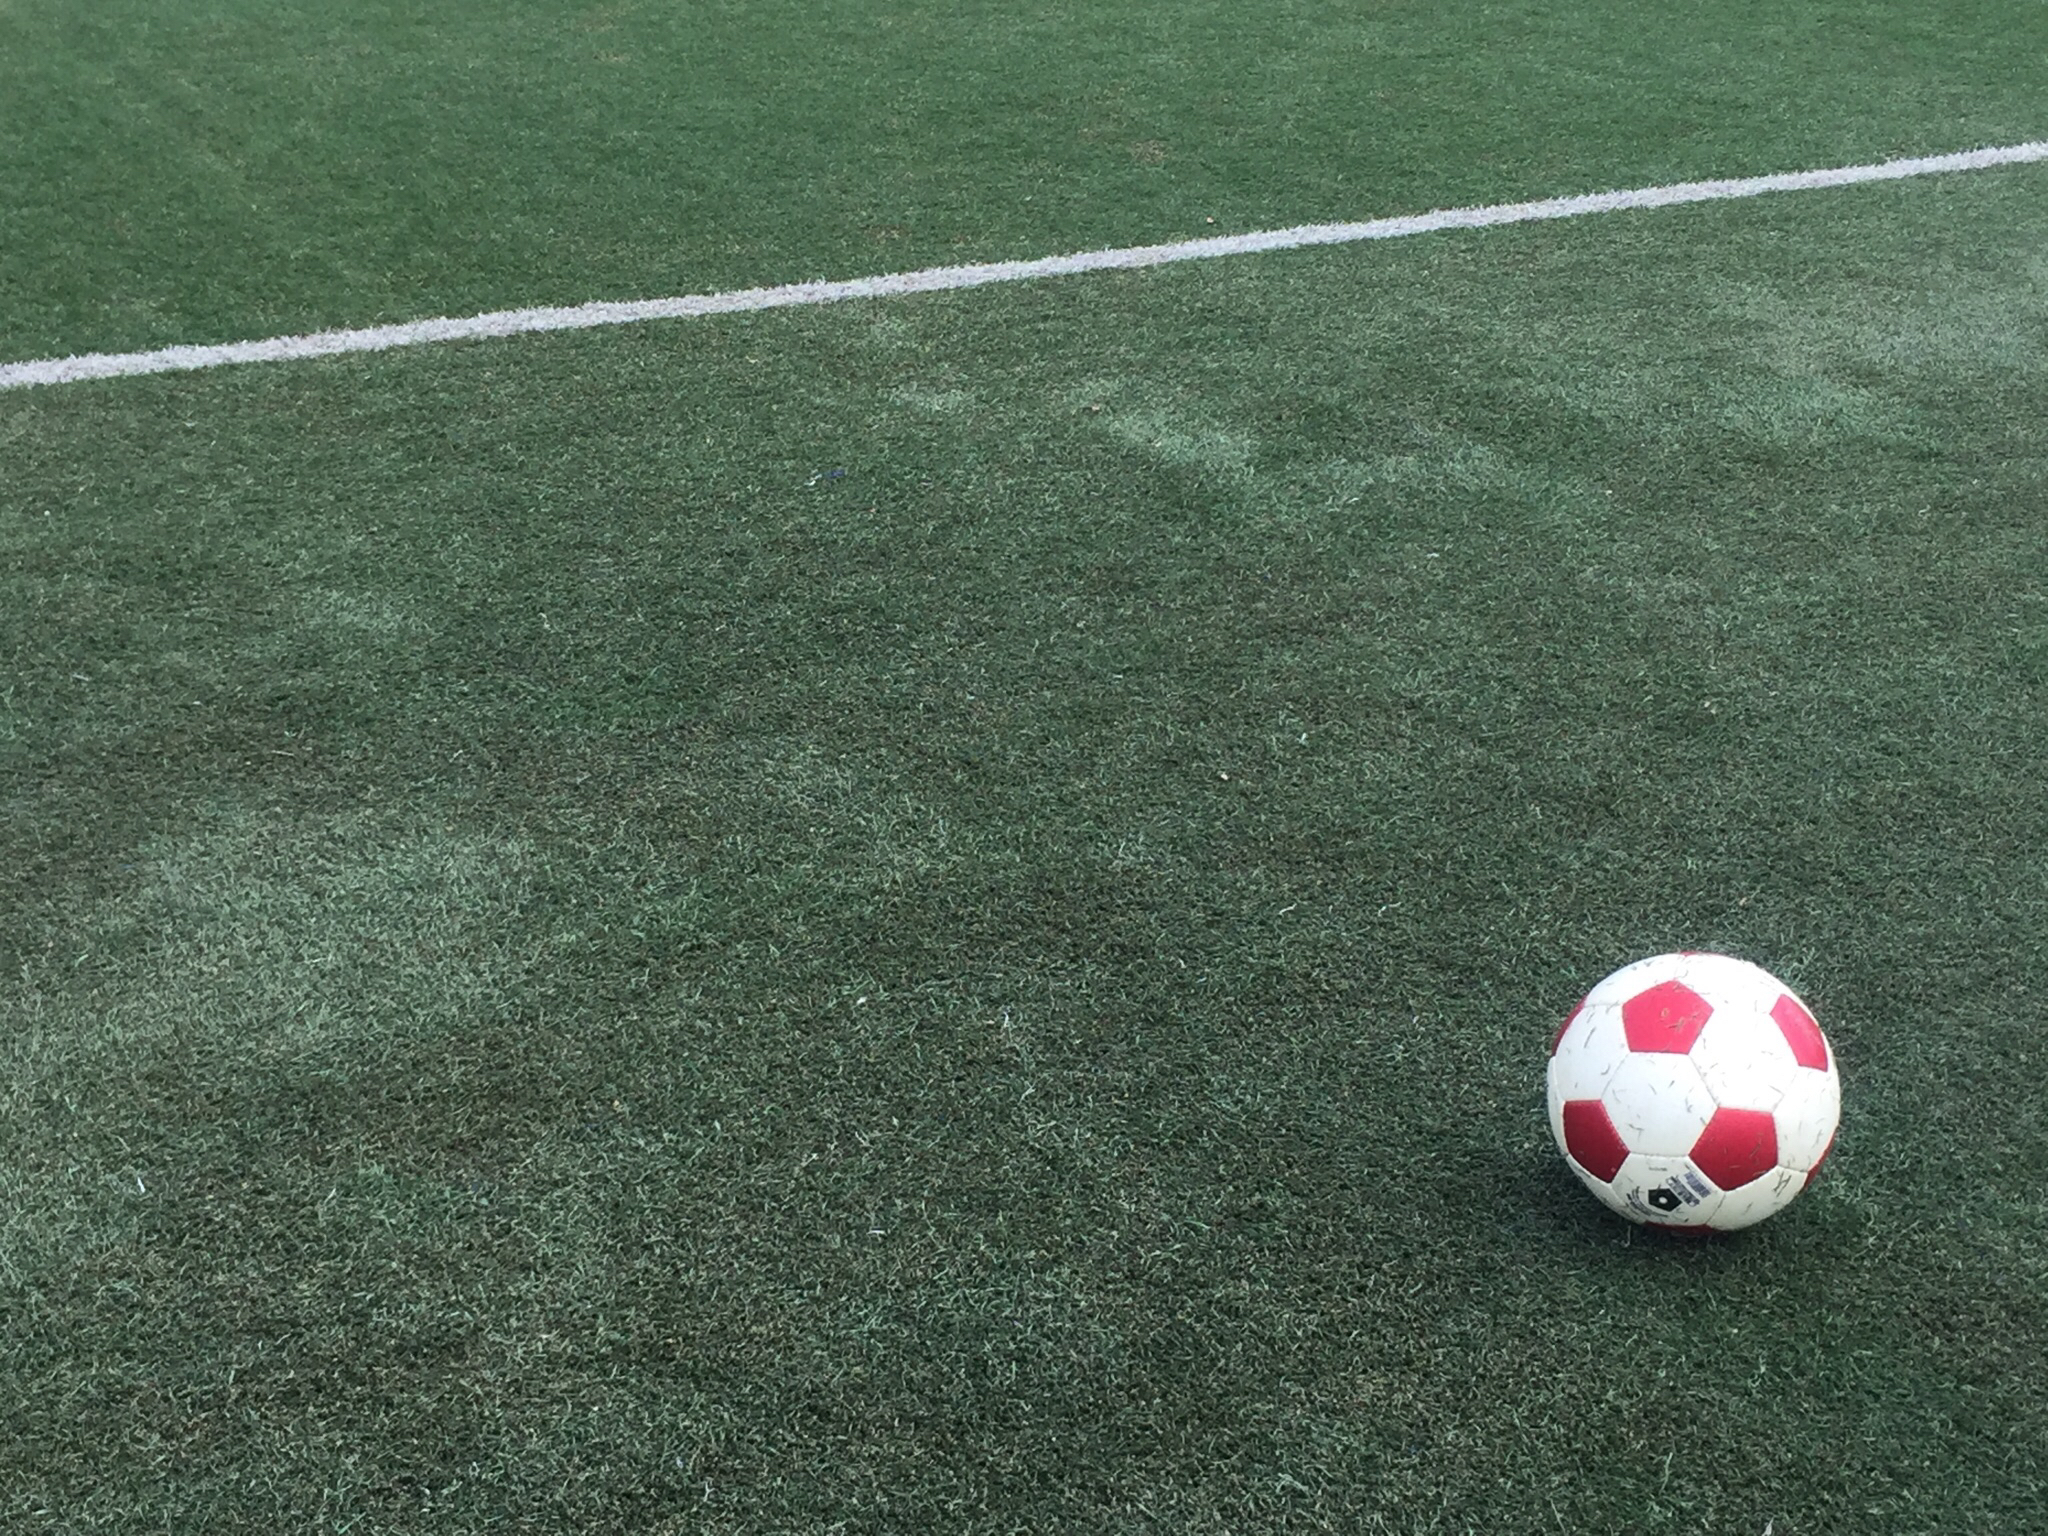 同率4位:サッカー(6人)